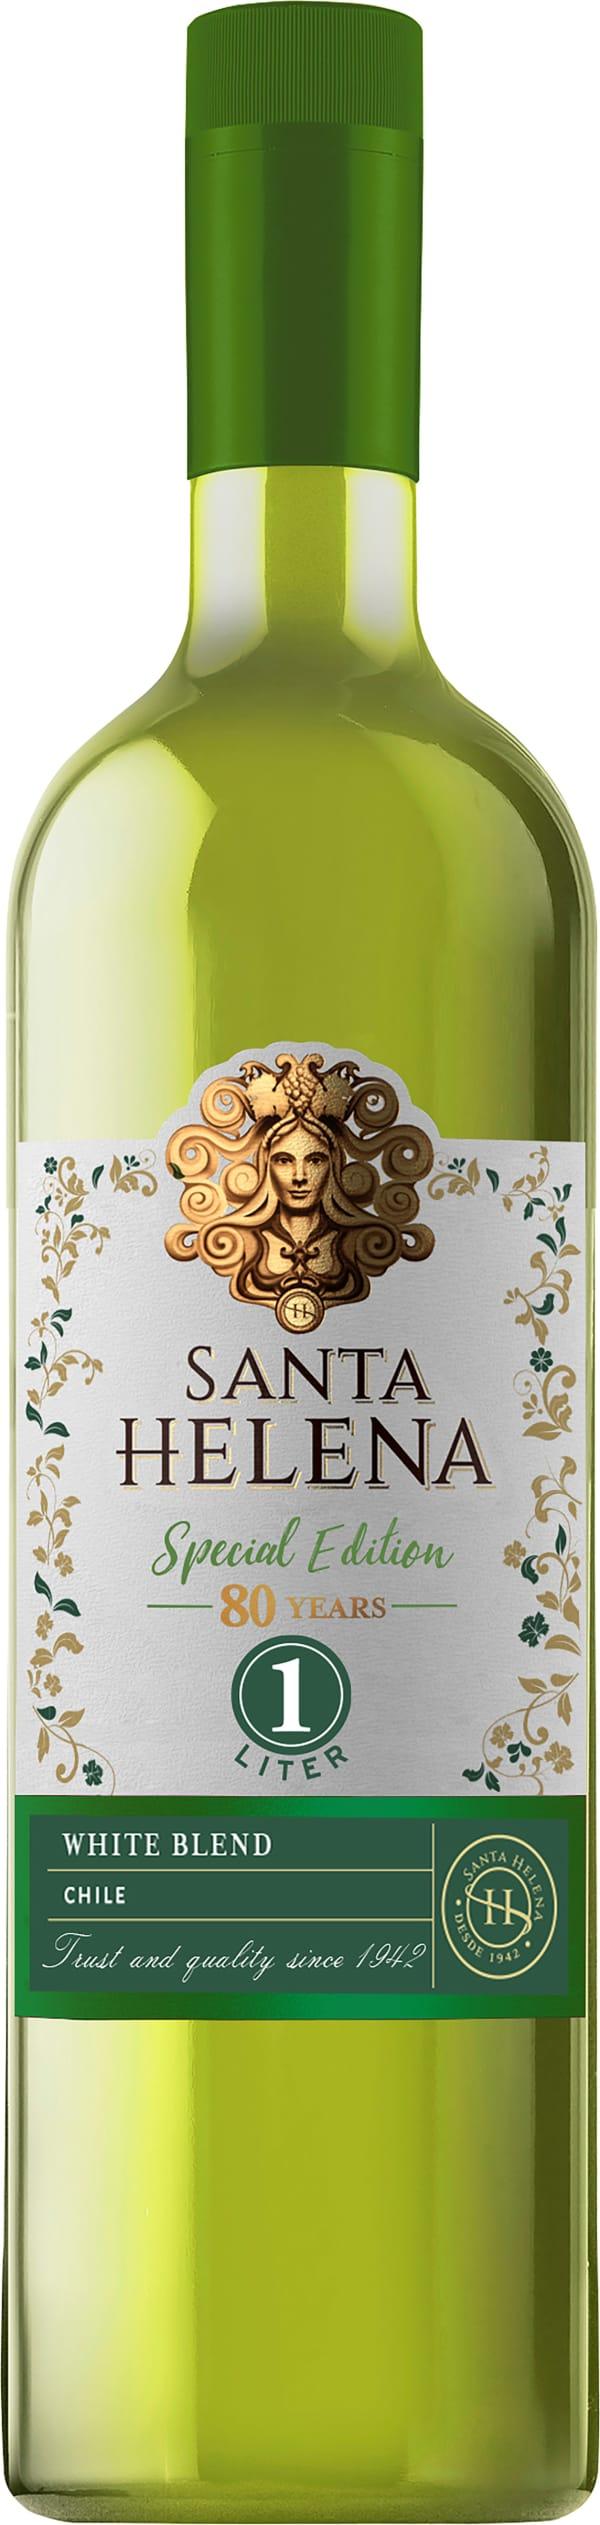 Santa Helena Varietal White Blend 2015 muovipullo